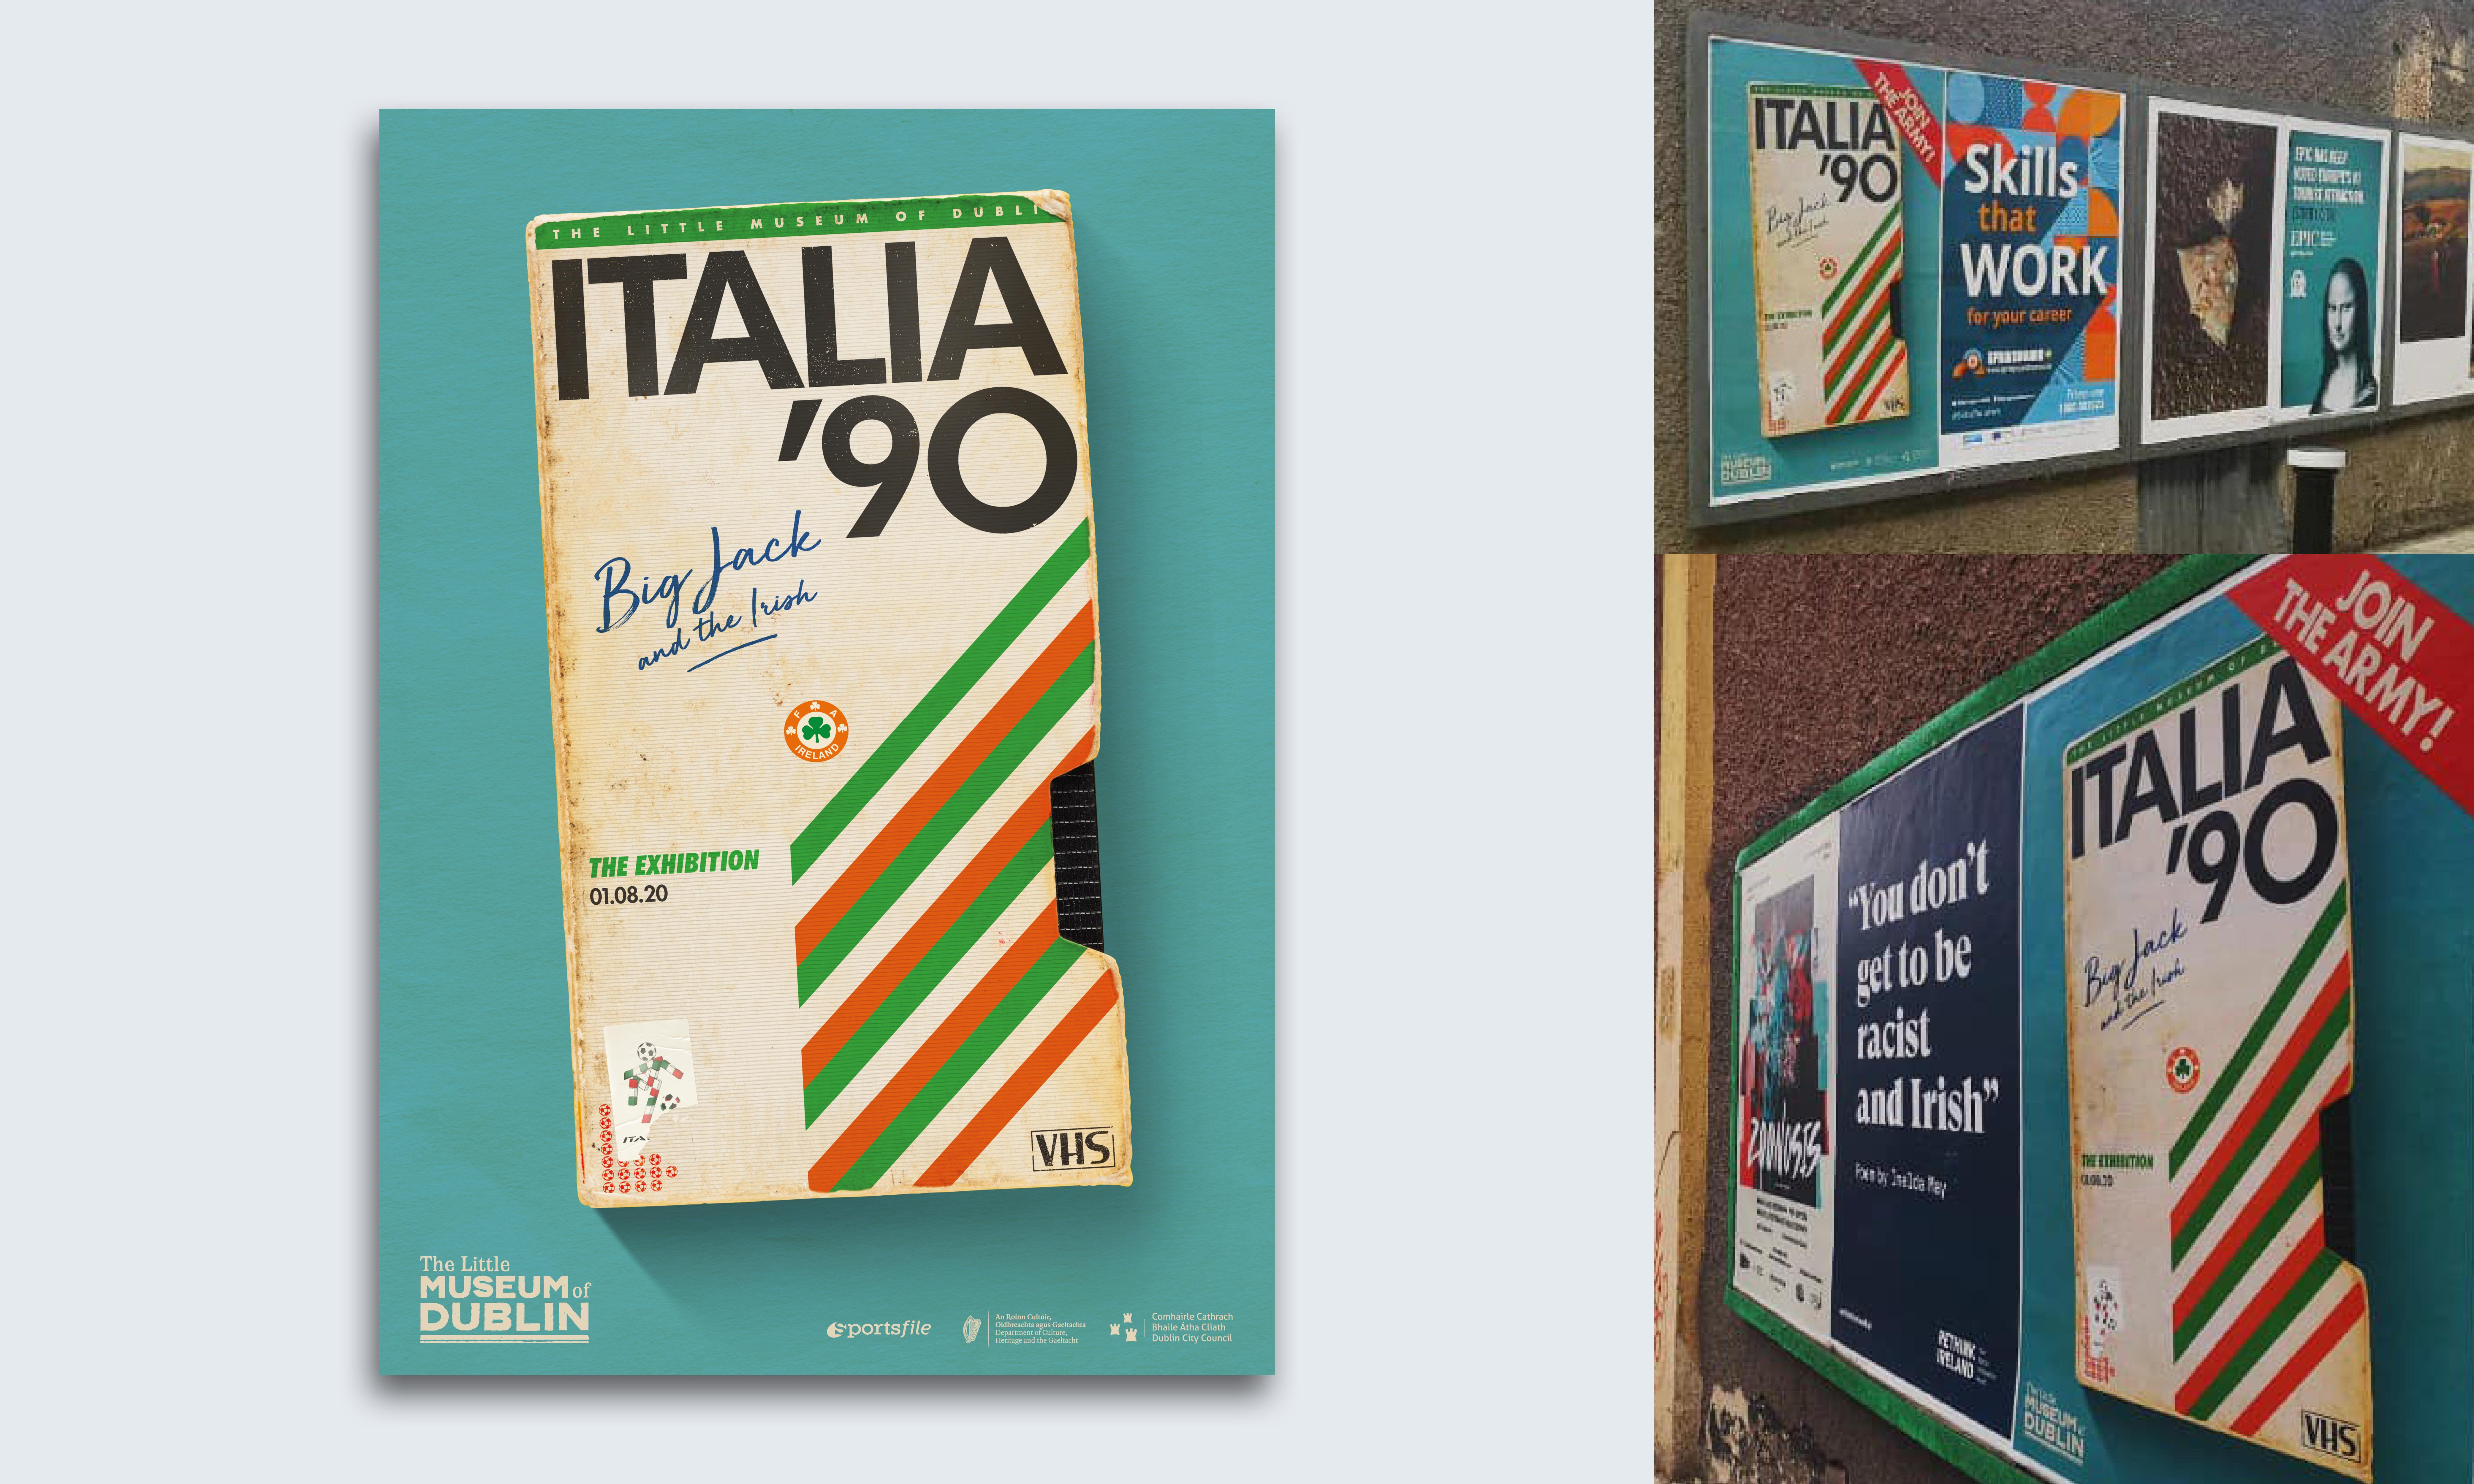 Cover image: Italia '90 Exhibition